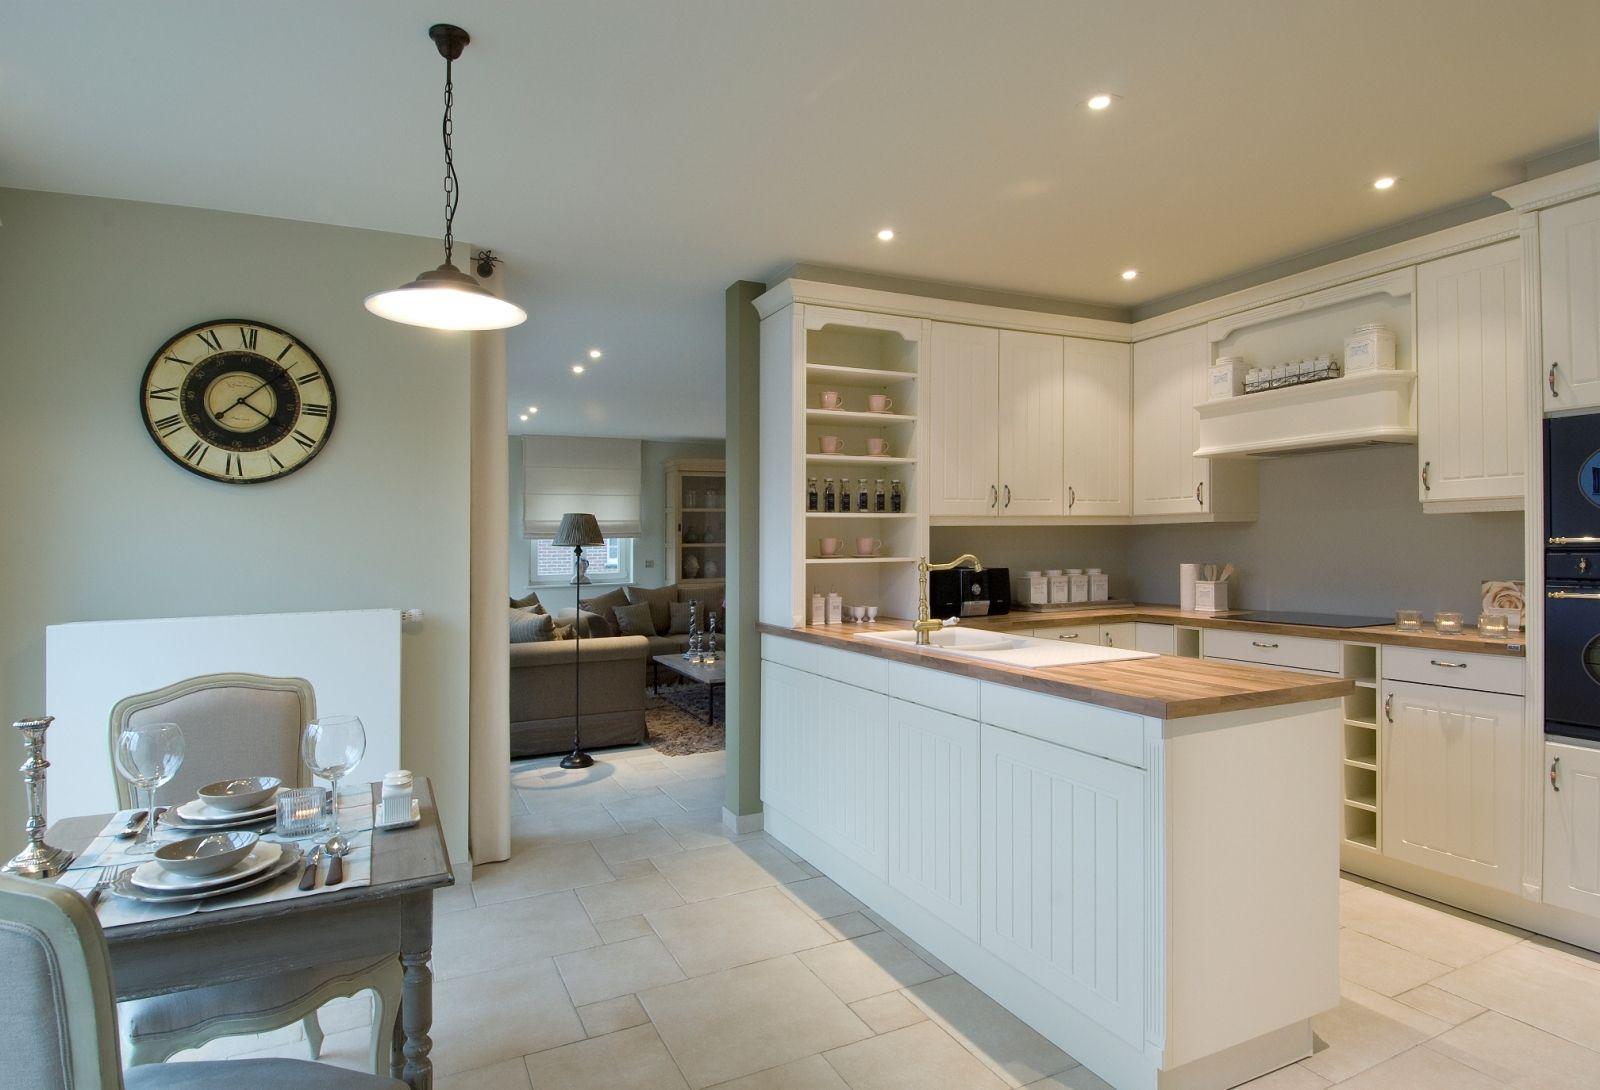 Keuken verbouwen planning - Decoratie badkamer fotos ...